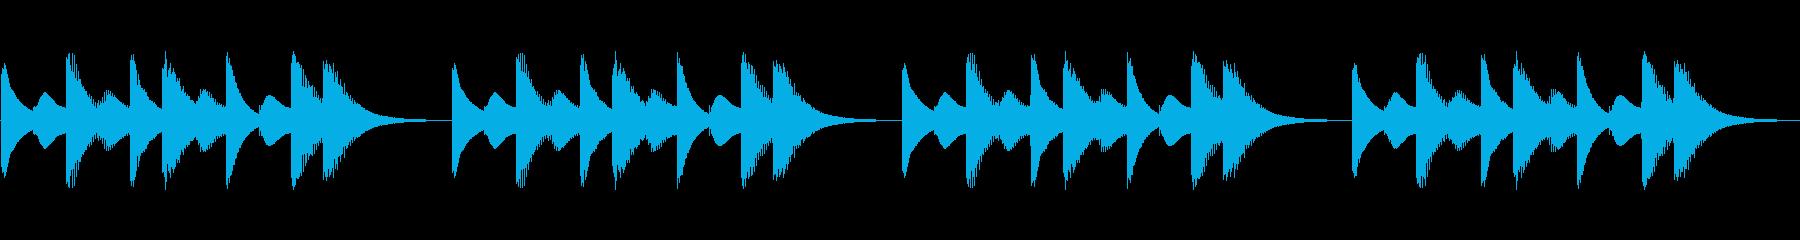 スマホ風着信音その1の再生済みの波形